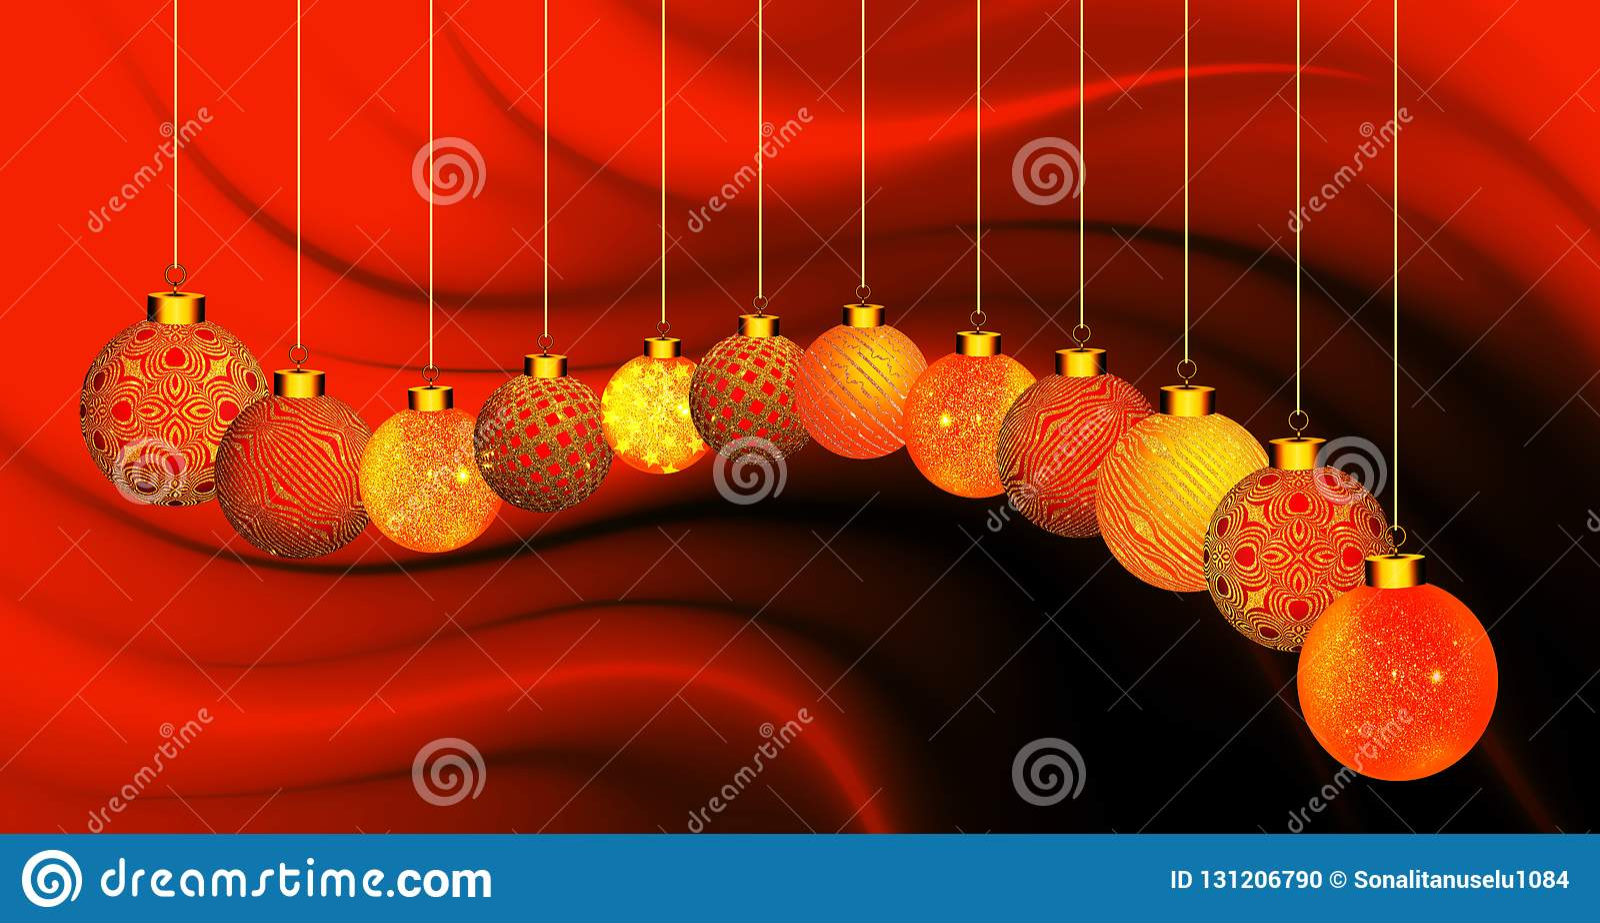 Bożenarodzeniowy tło z pomarańcze i złocistym ornamentem na falistym tle pomarańczowym i czarnym